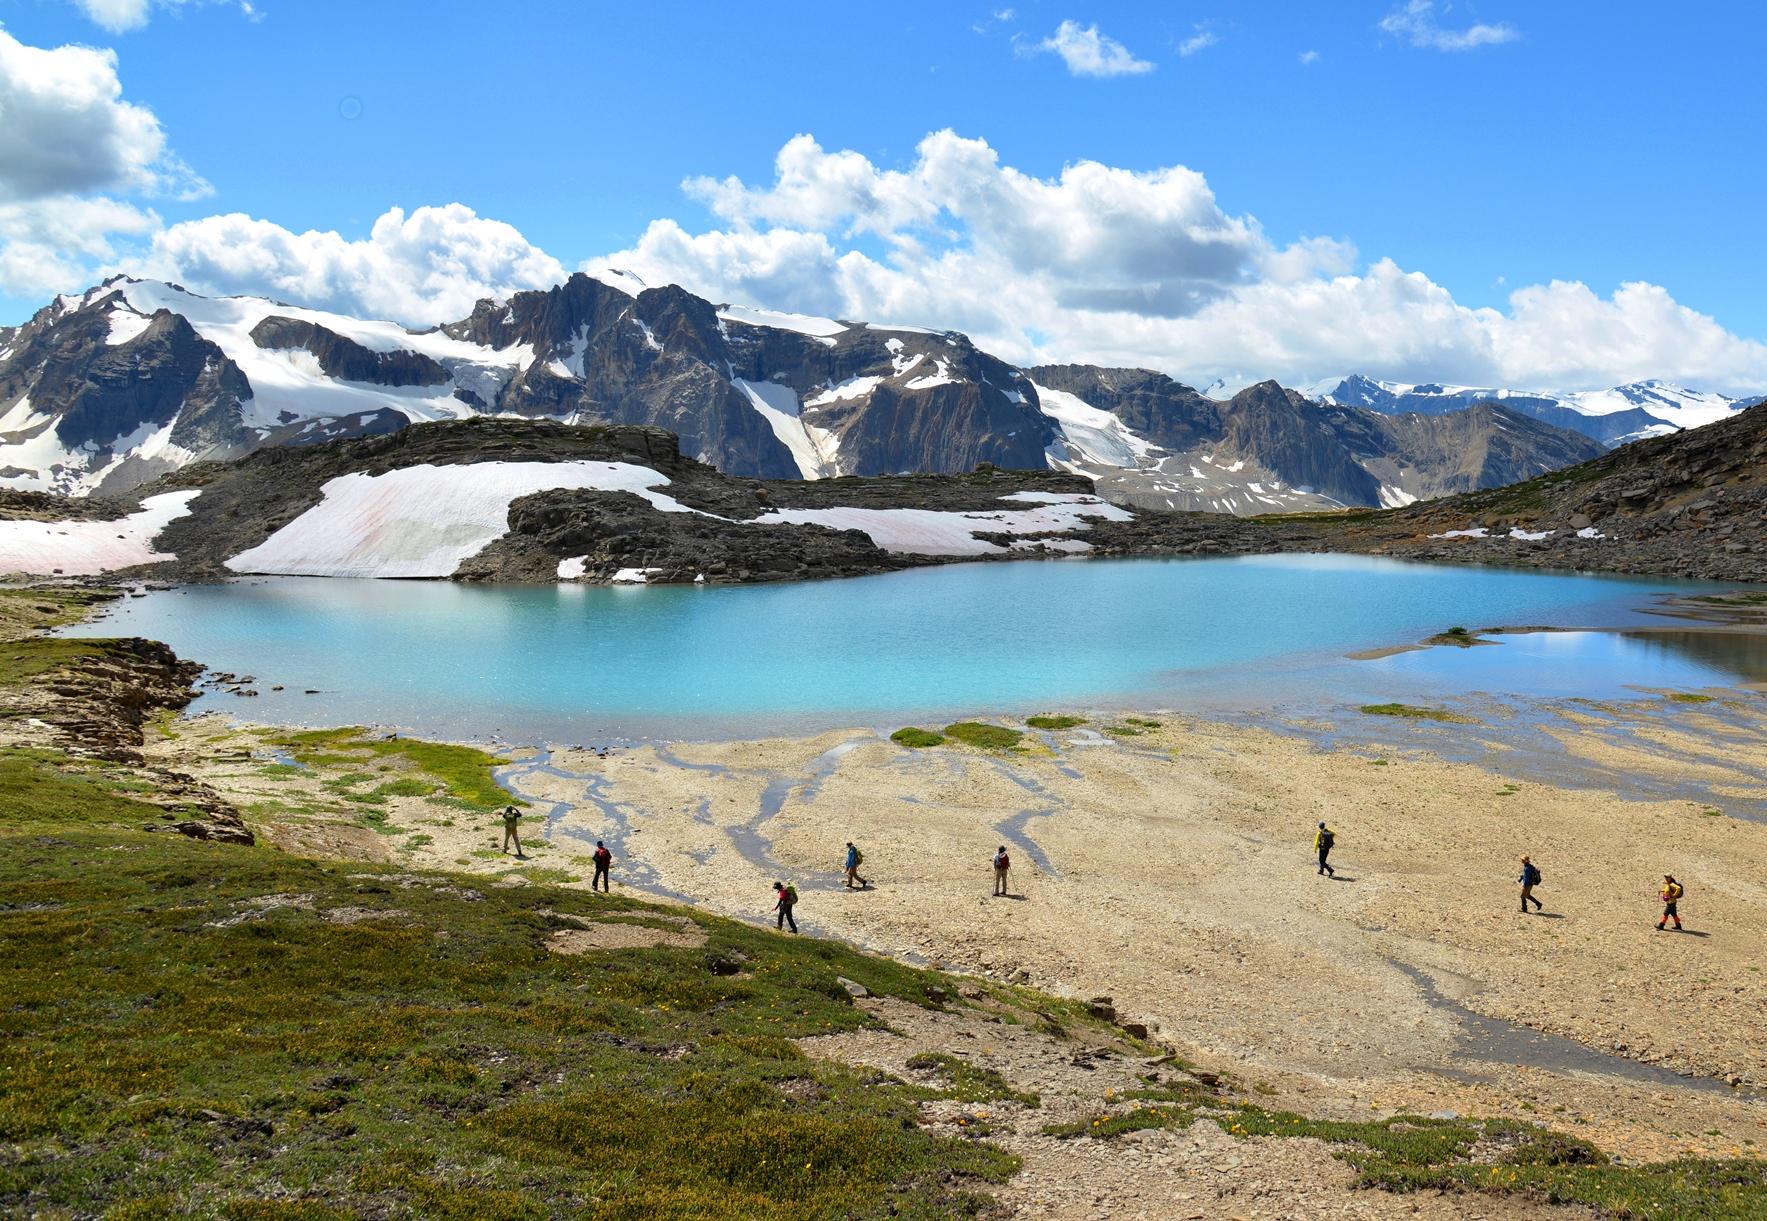 美しい山上湖が点在するエリアを周回するおすすめハイキングコース